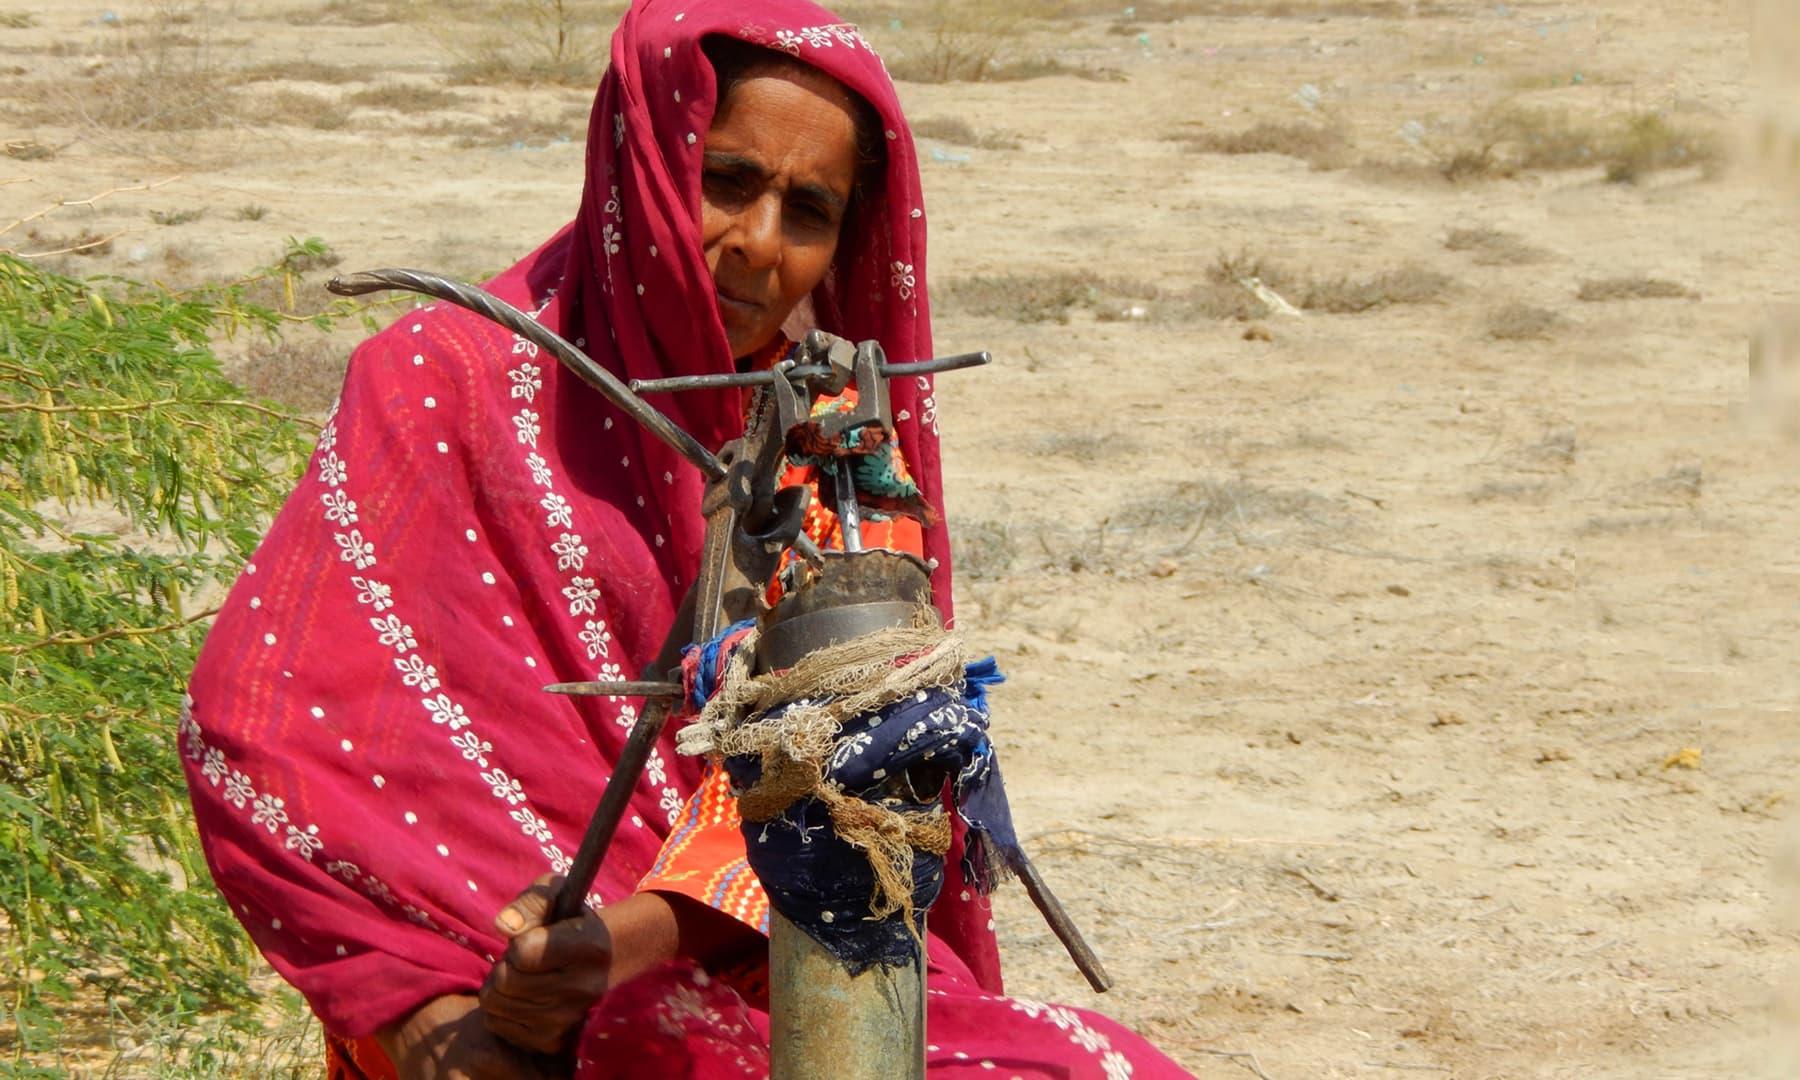 قزبانو غیر فعال ہینڈ پمپ سے پانی نکالنے کی کوشش کر رہی ہے — تصویر ابوبکر شیخ